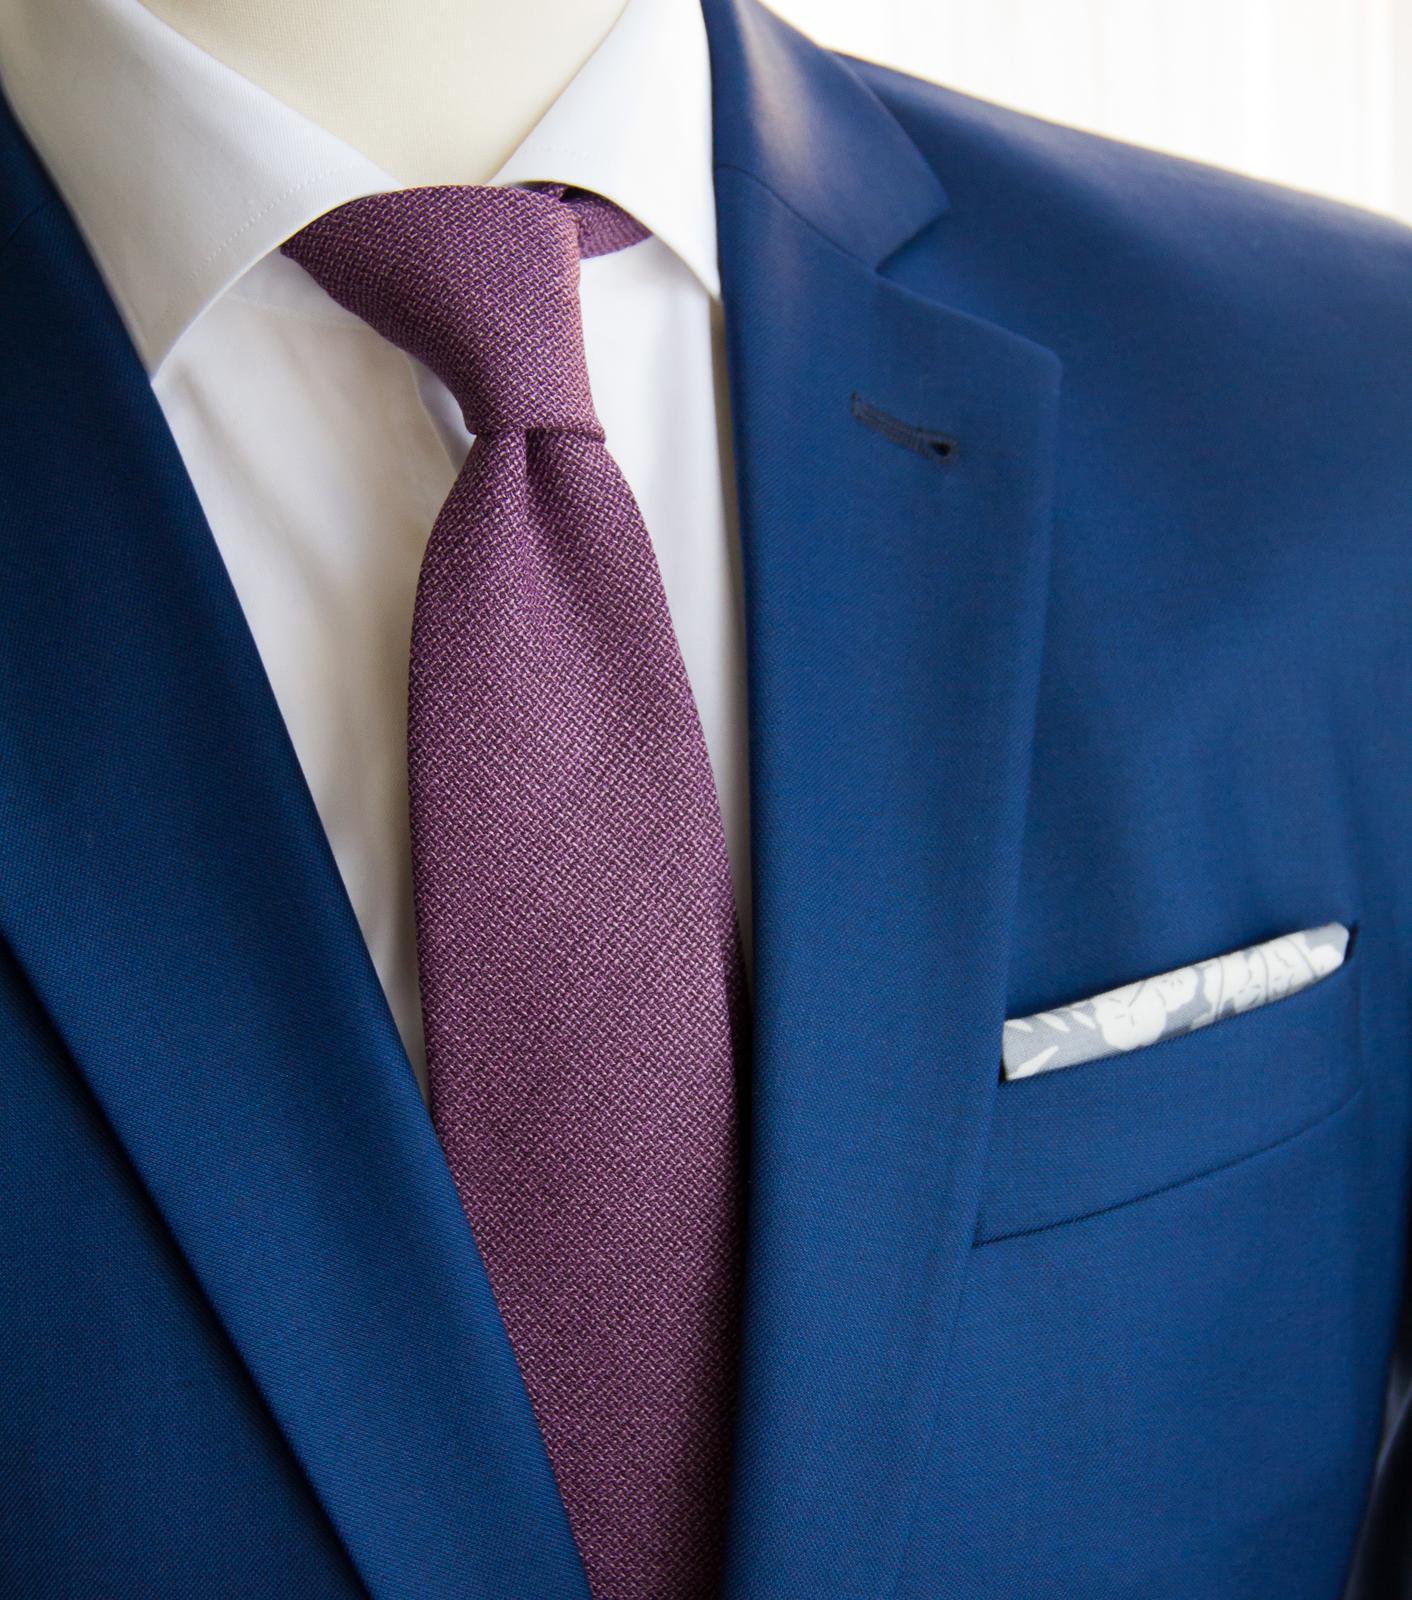 bubibubi_ties - Fialová vlněná kravata a kapesníček s ornamentem.